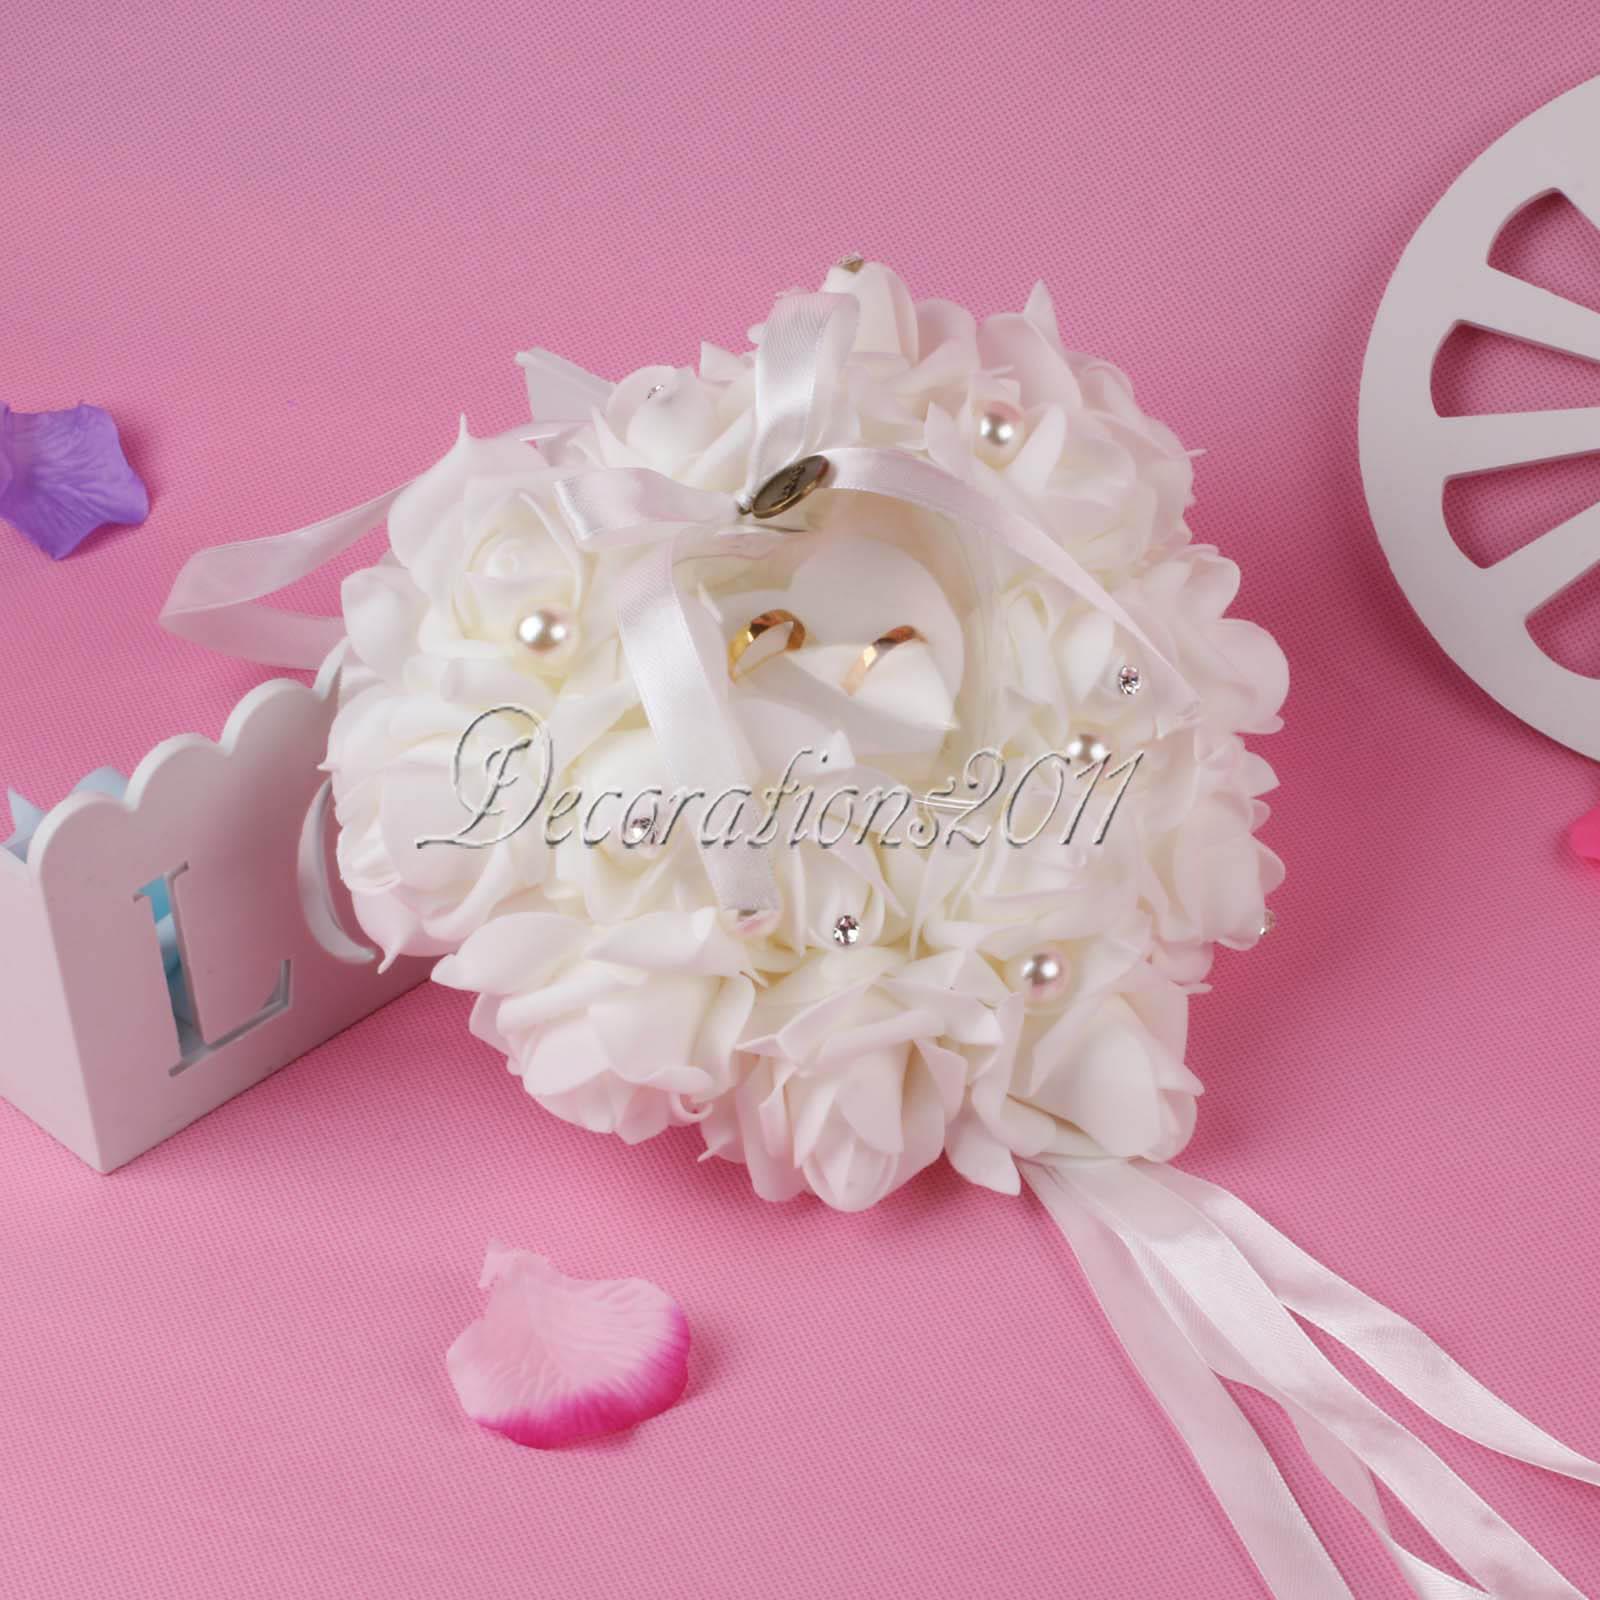 Rose Flowers Heart-shape Ring Pillow Cushion Ring Bearer Wedding ...